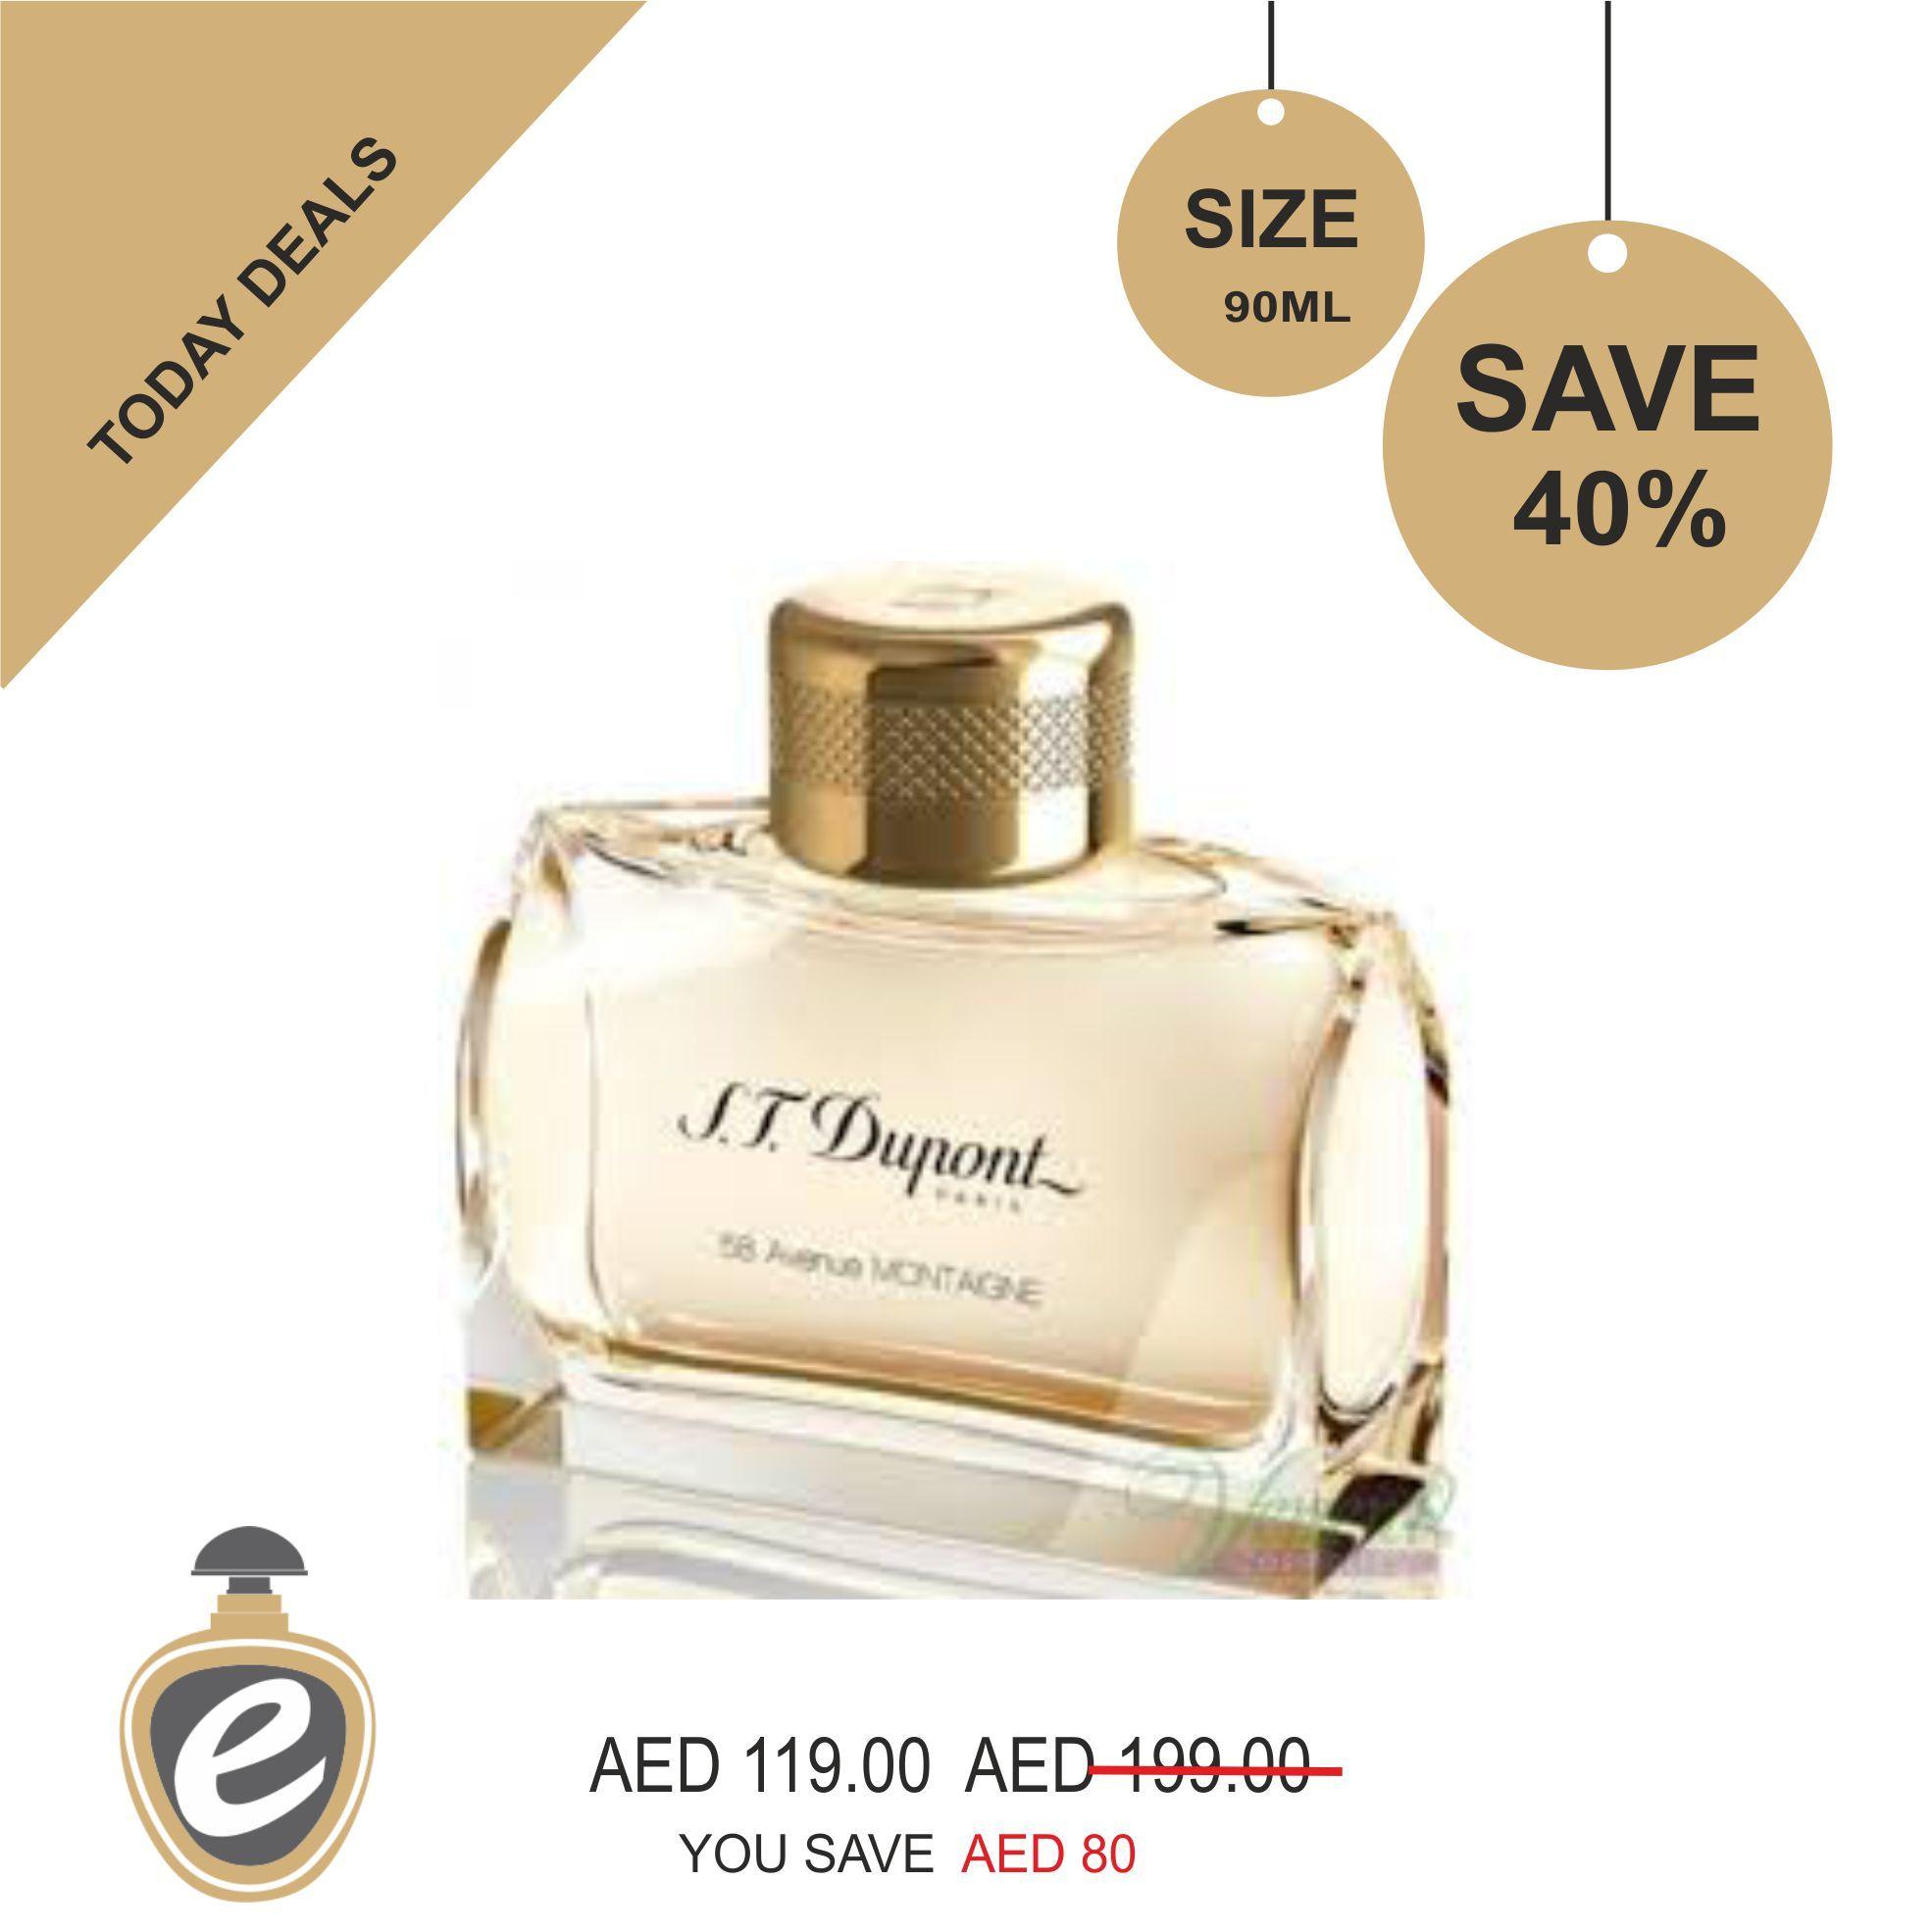 58 Avenue Montaigne pour Femme S.T. Dupont Eau De Parfum For Women ...